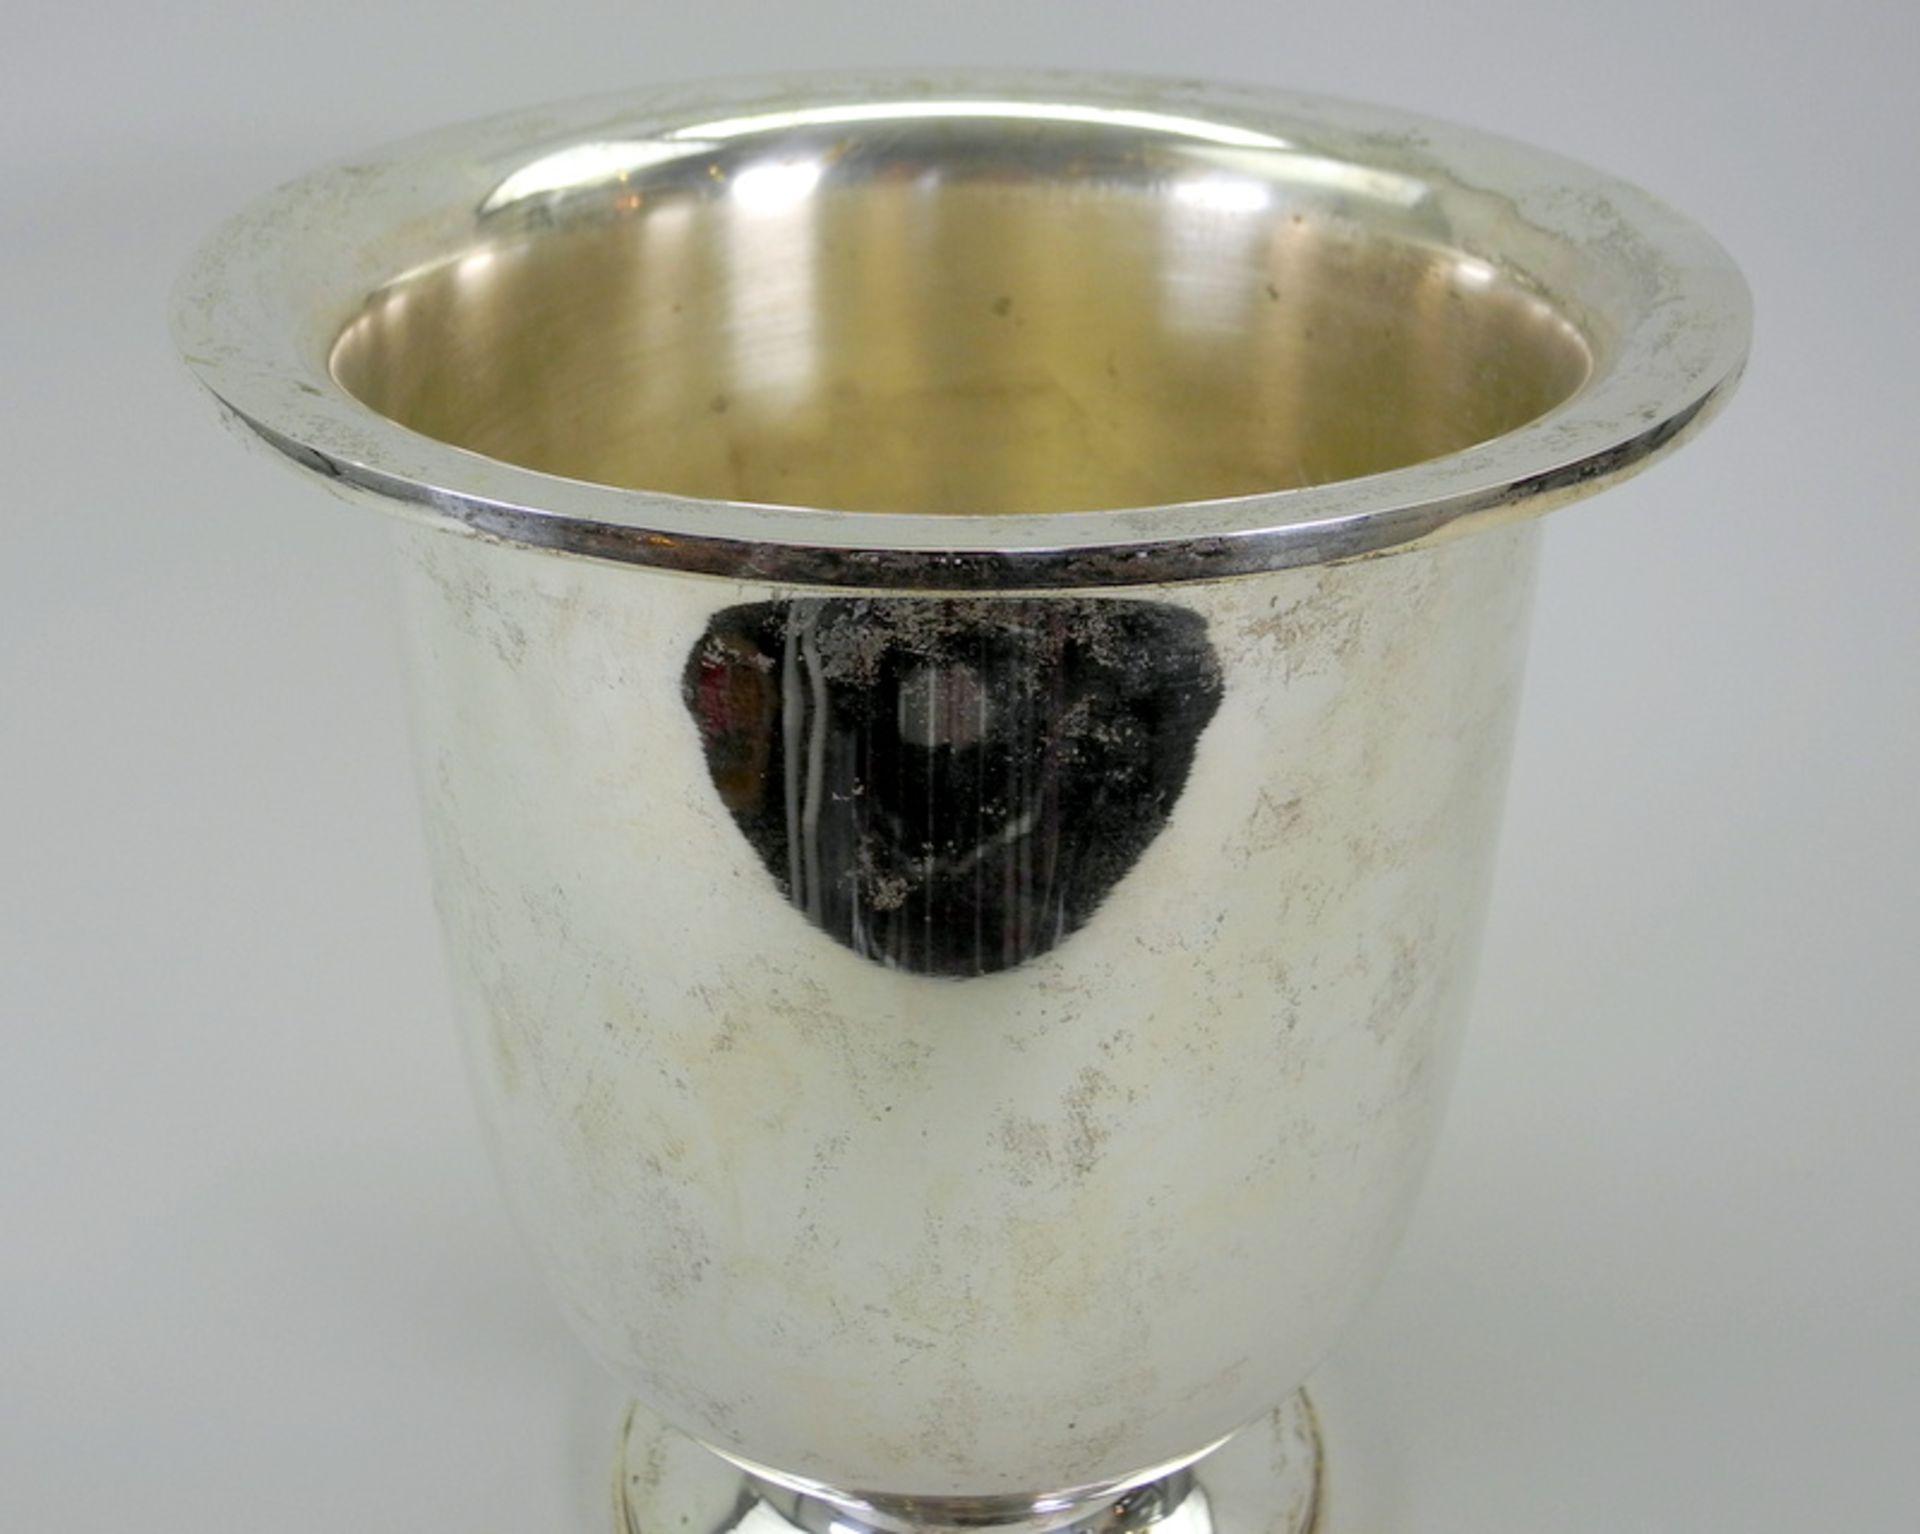 Silber-Kandelaber - Image 7 of 8